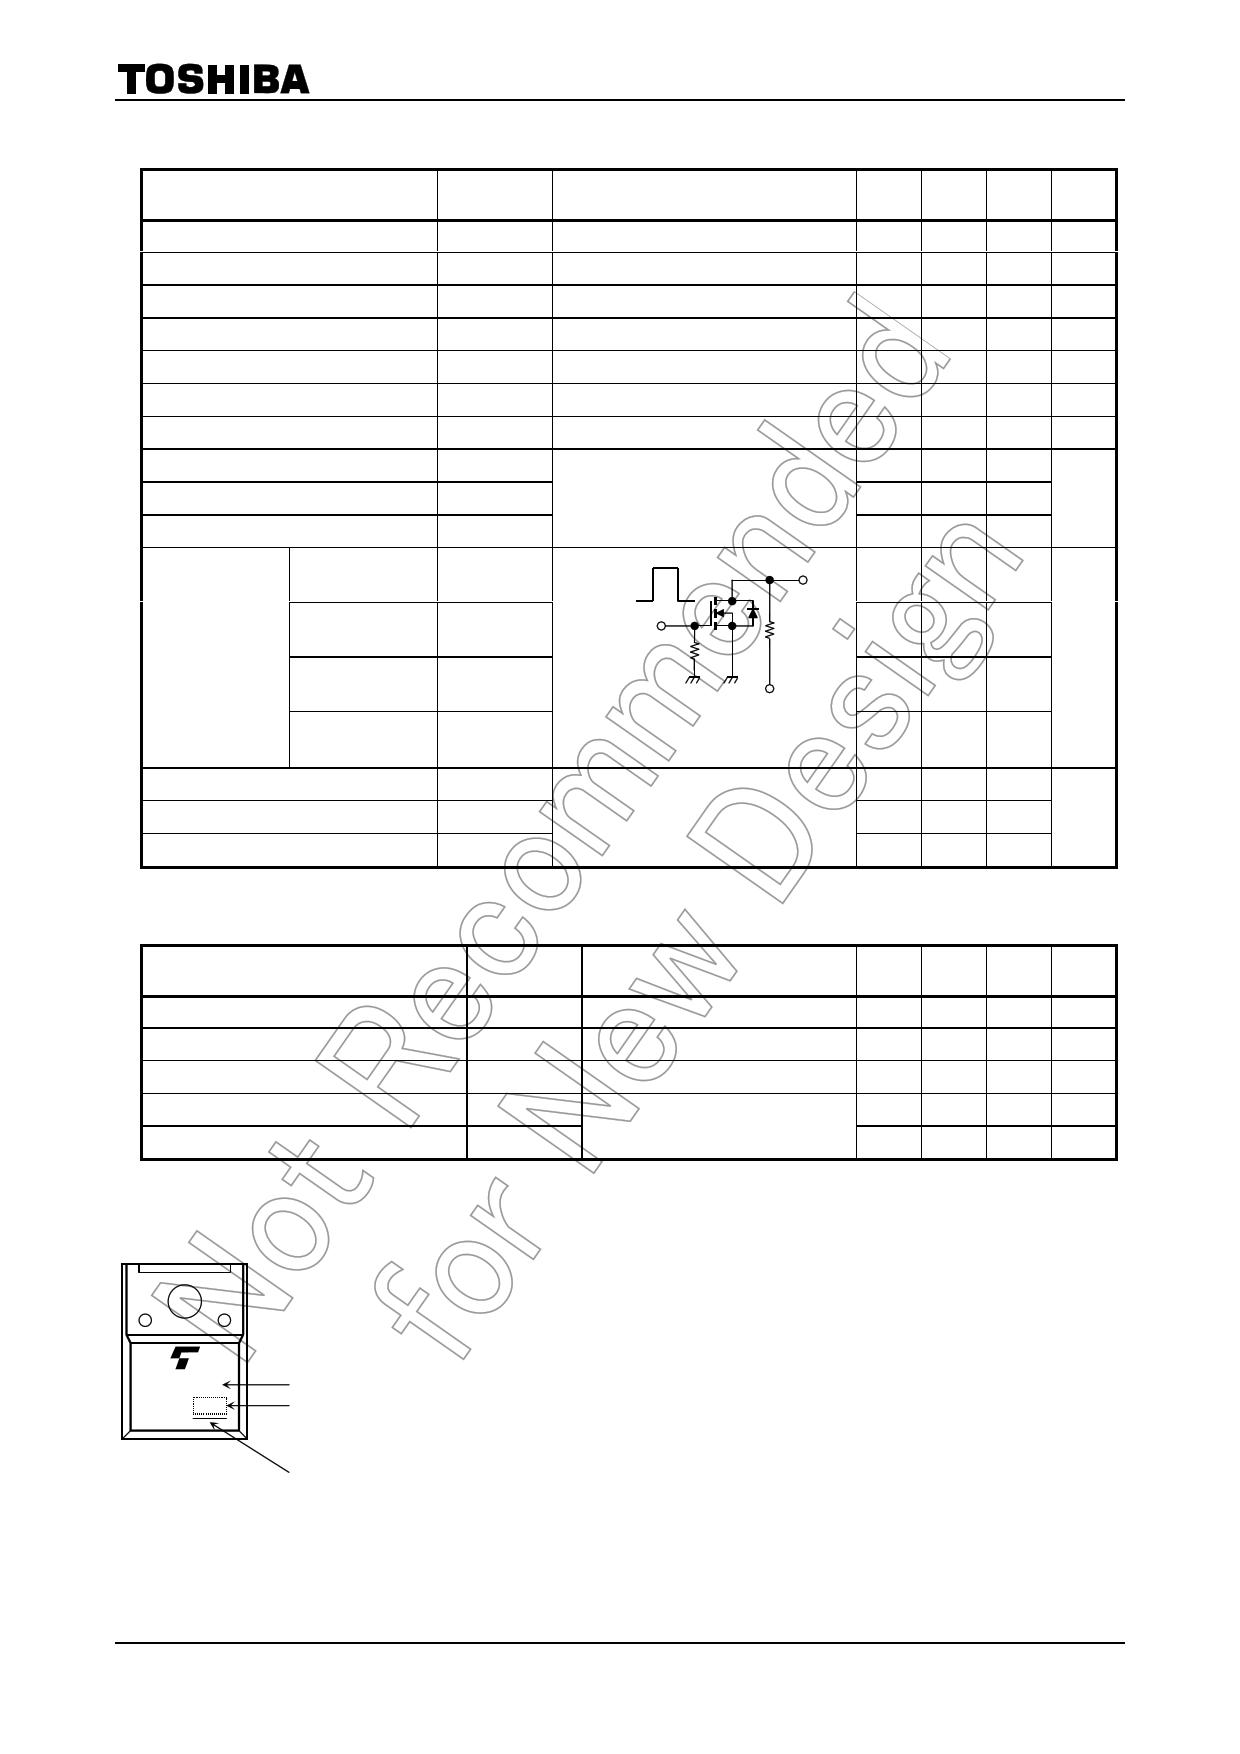 K4110 pdf pinout